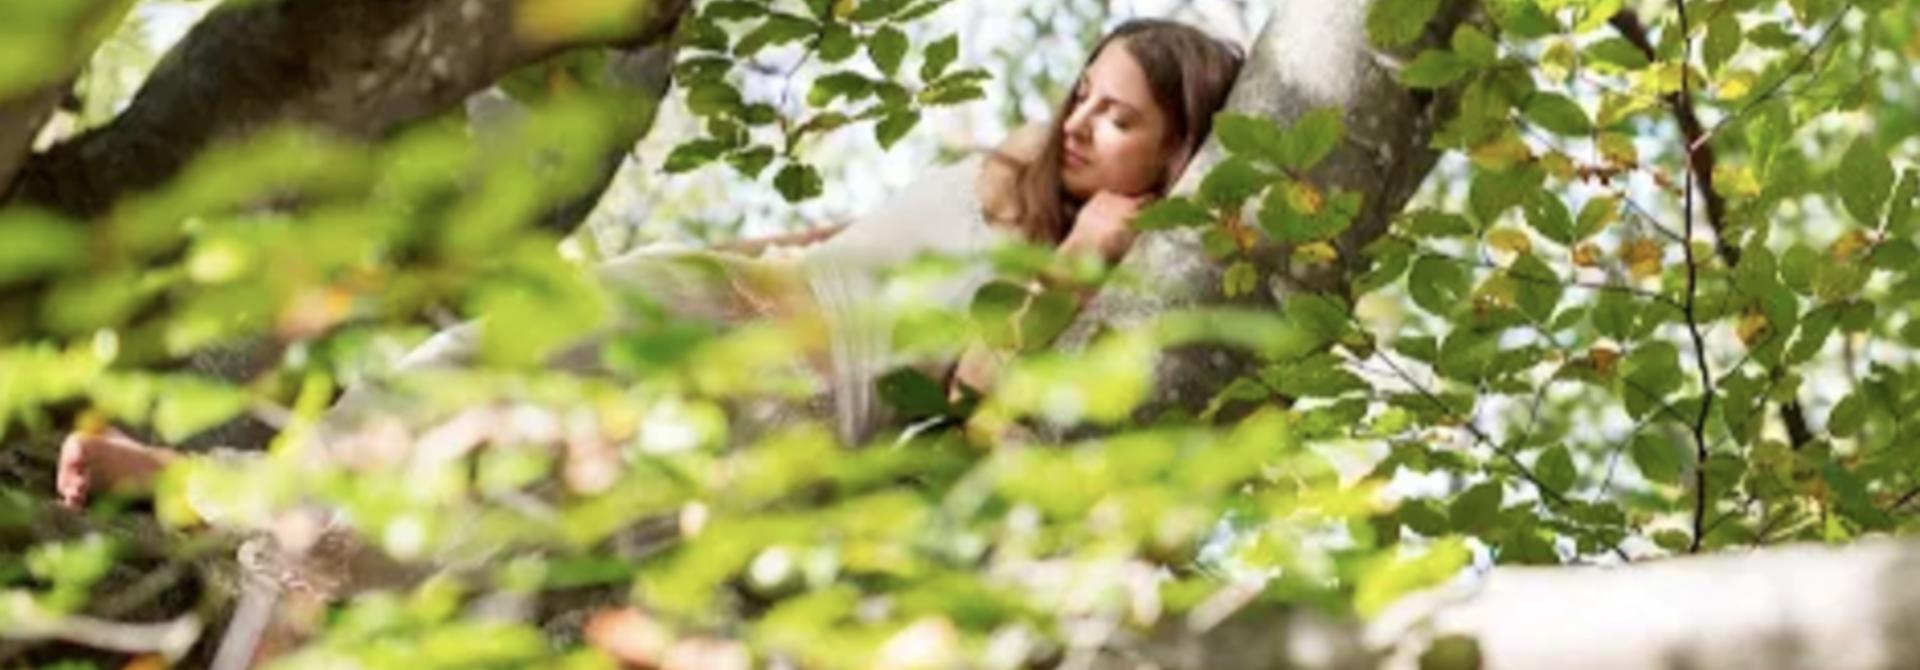 Aromatherapie - Rozemarijn.... meer dan zomaar een geurtje